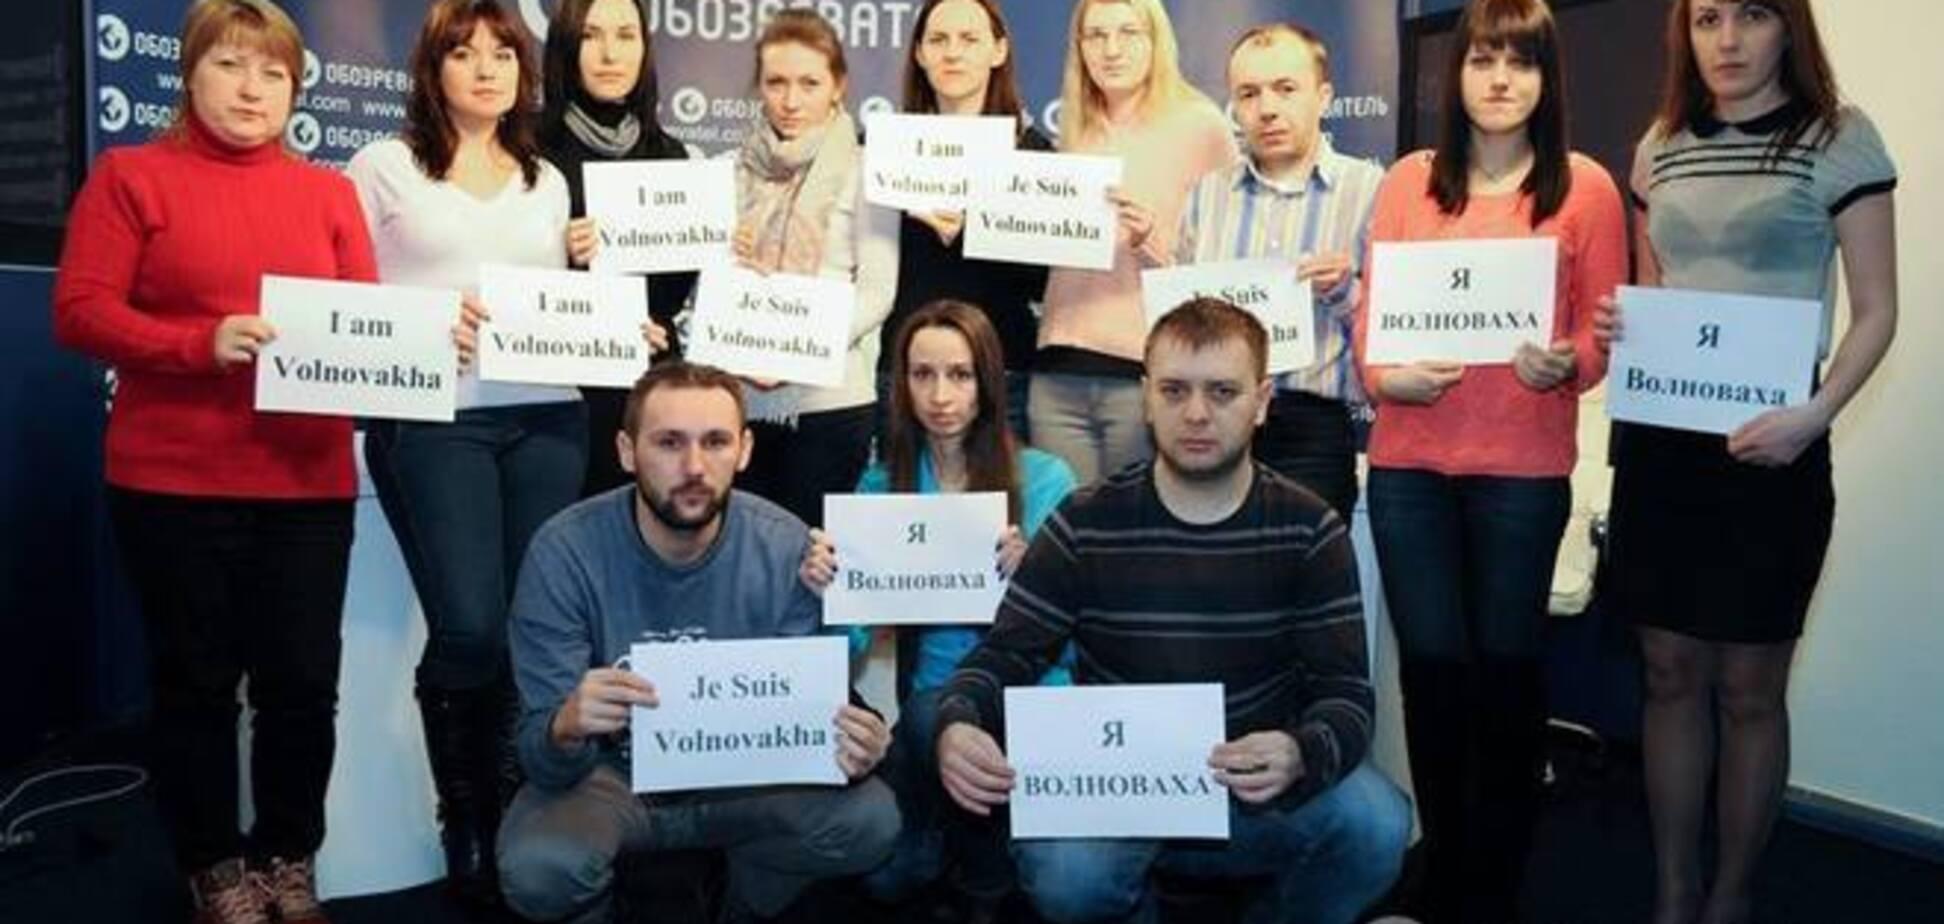 Я - Волноваха: 'Обозреватель' закликає українців вийти на Марш солідарності